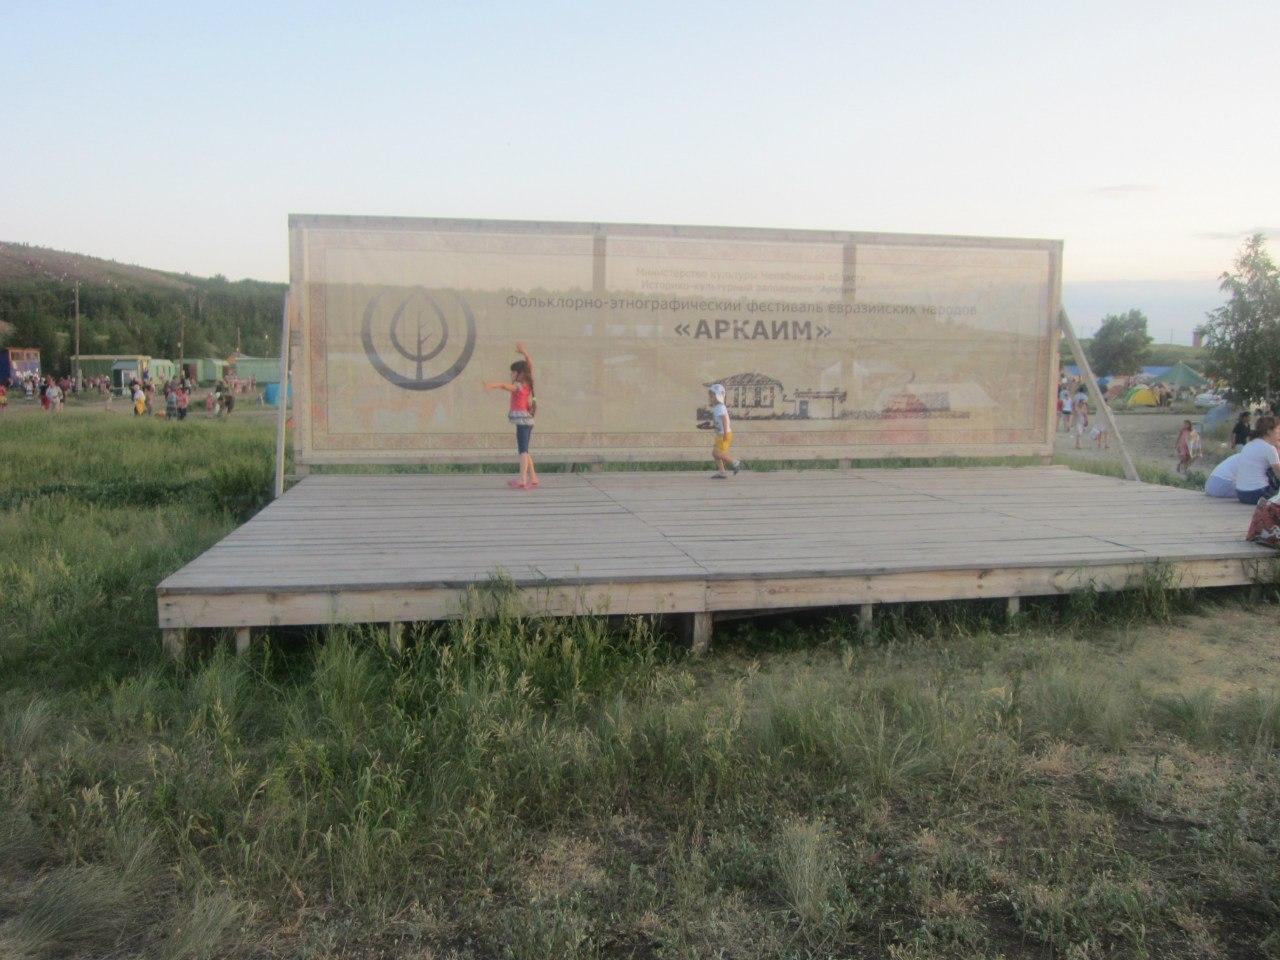 Дети ″отрываются″ на пустой сцене (25.06.2013)